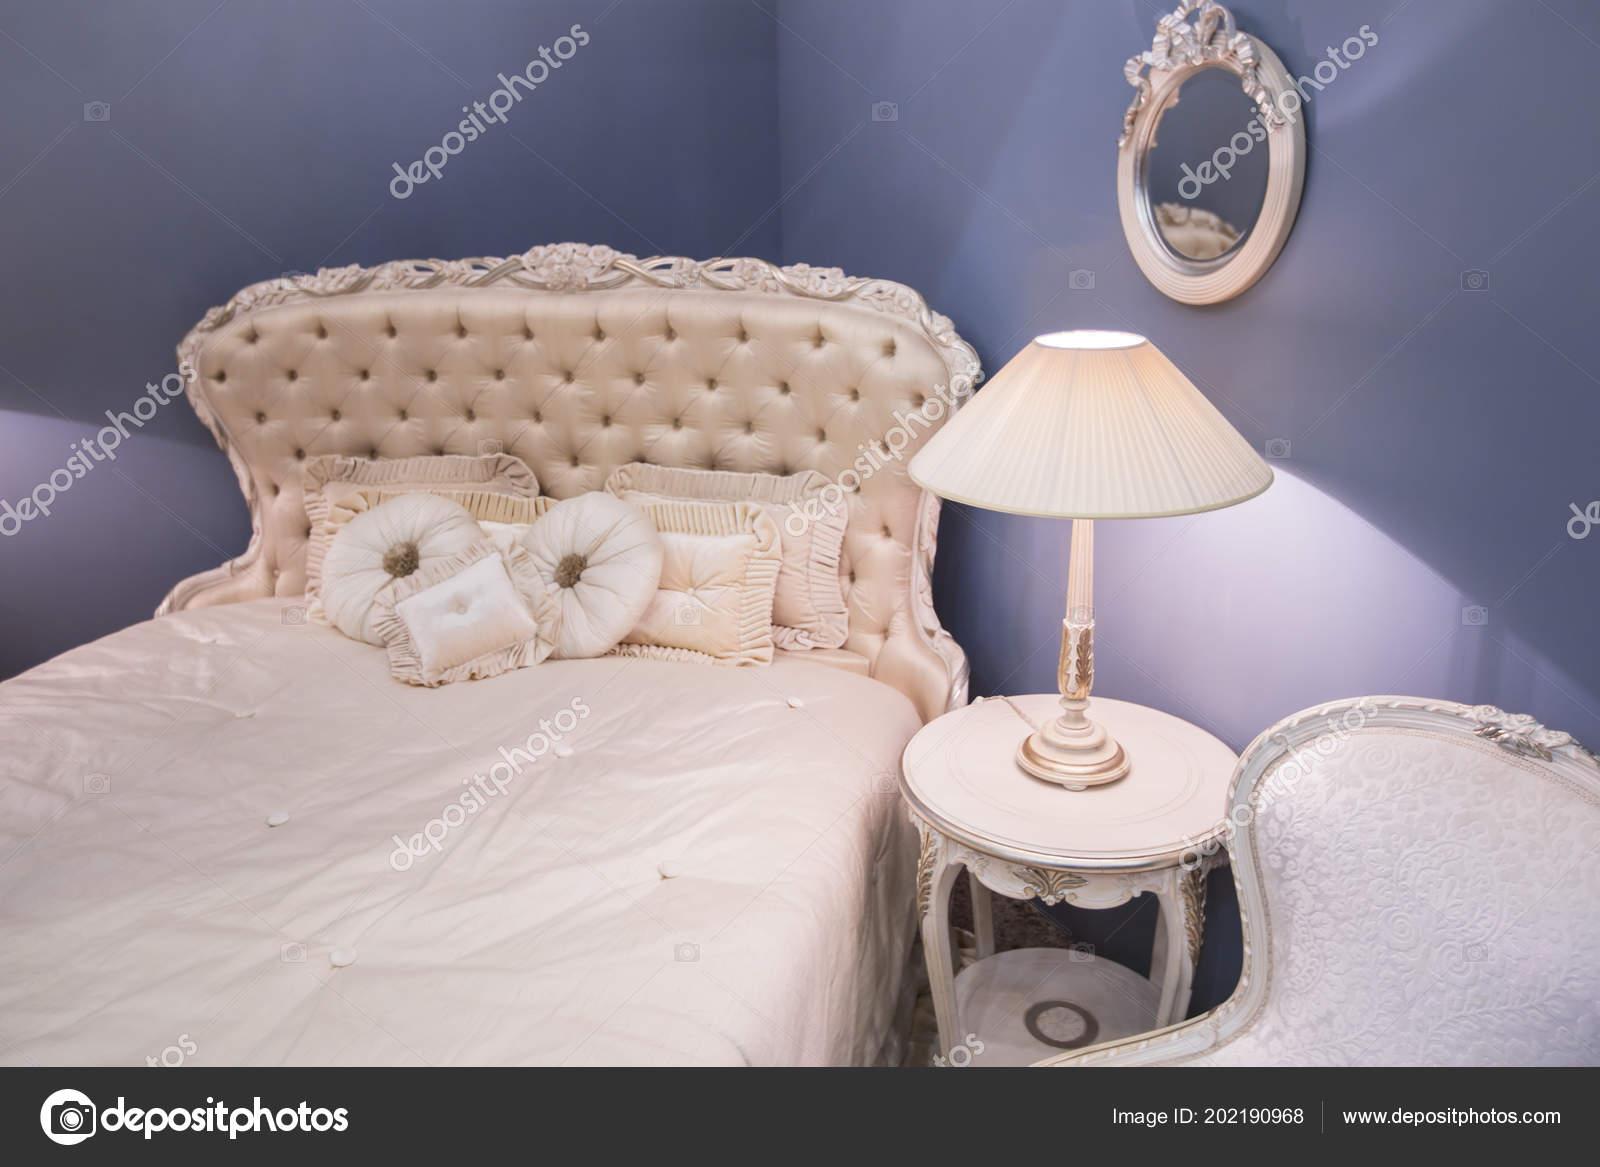 Nachtkastje Kinderkamer Afbeeldingen : Luxe dure interieur van het meisje kinderkamer oude stijl wit